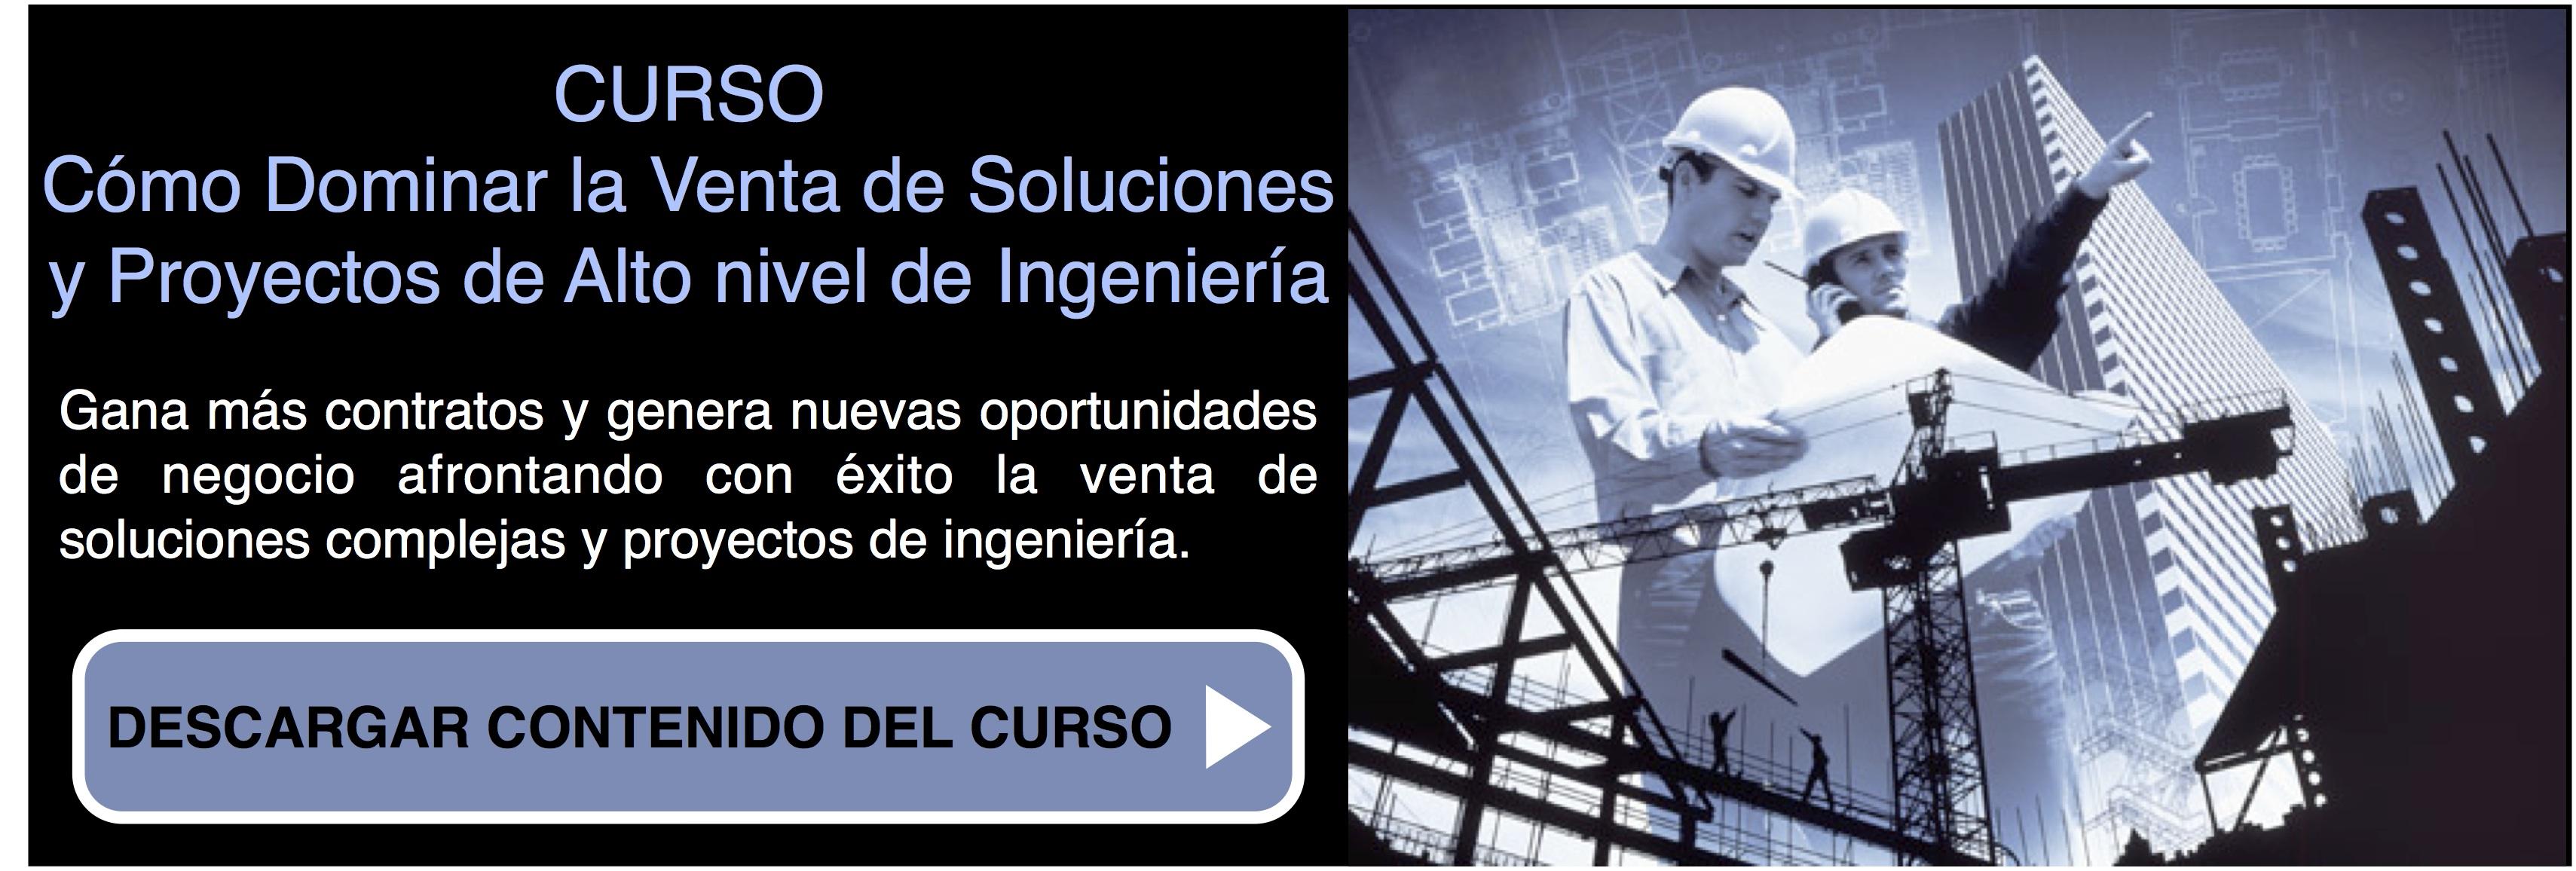 Curso cómo dominar la venta de soluciones y proyectos de ingeniería